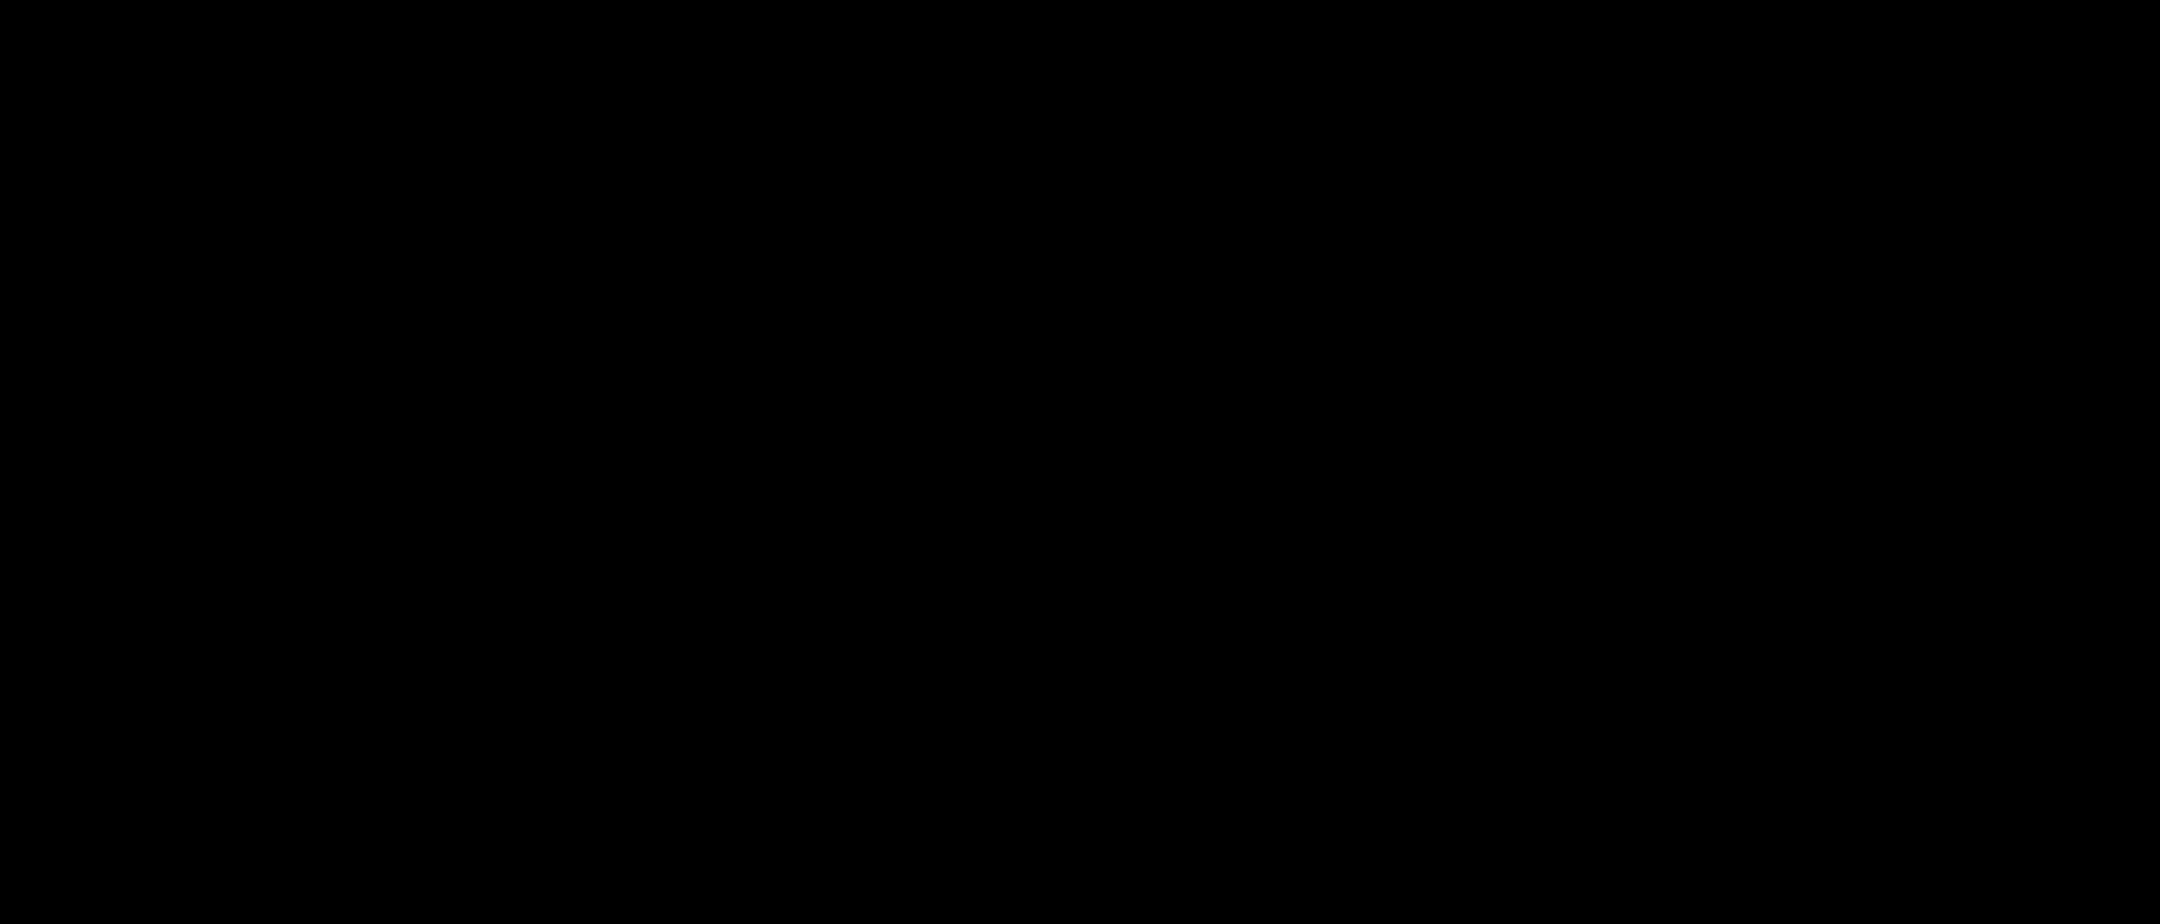 zildjian logo 2 - Zildjian Logo